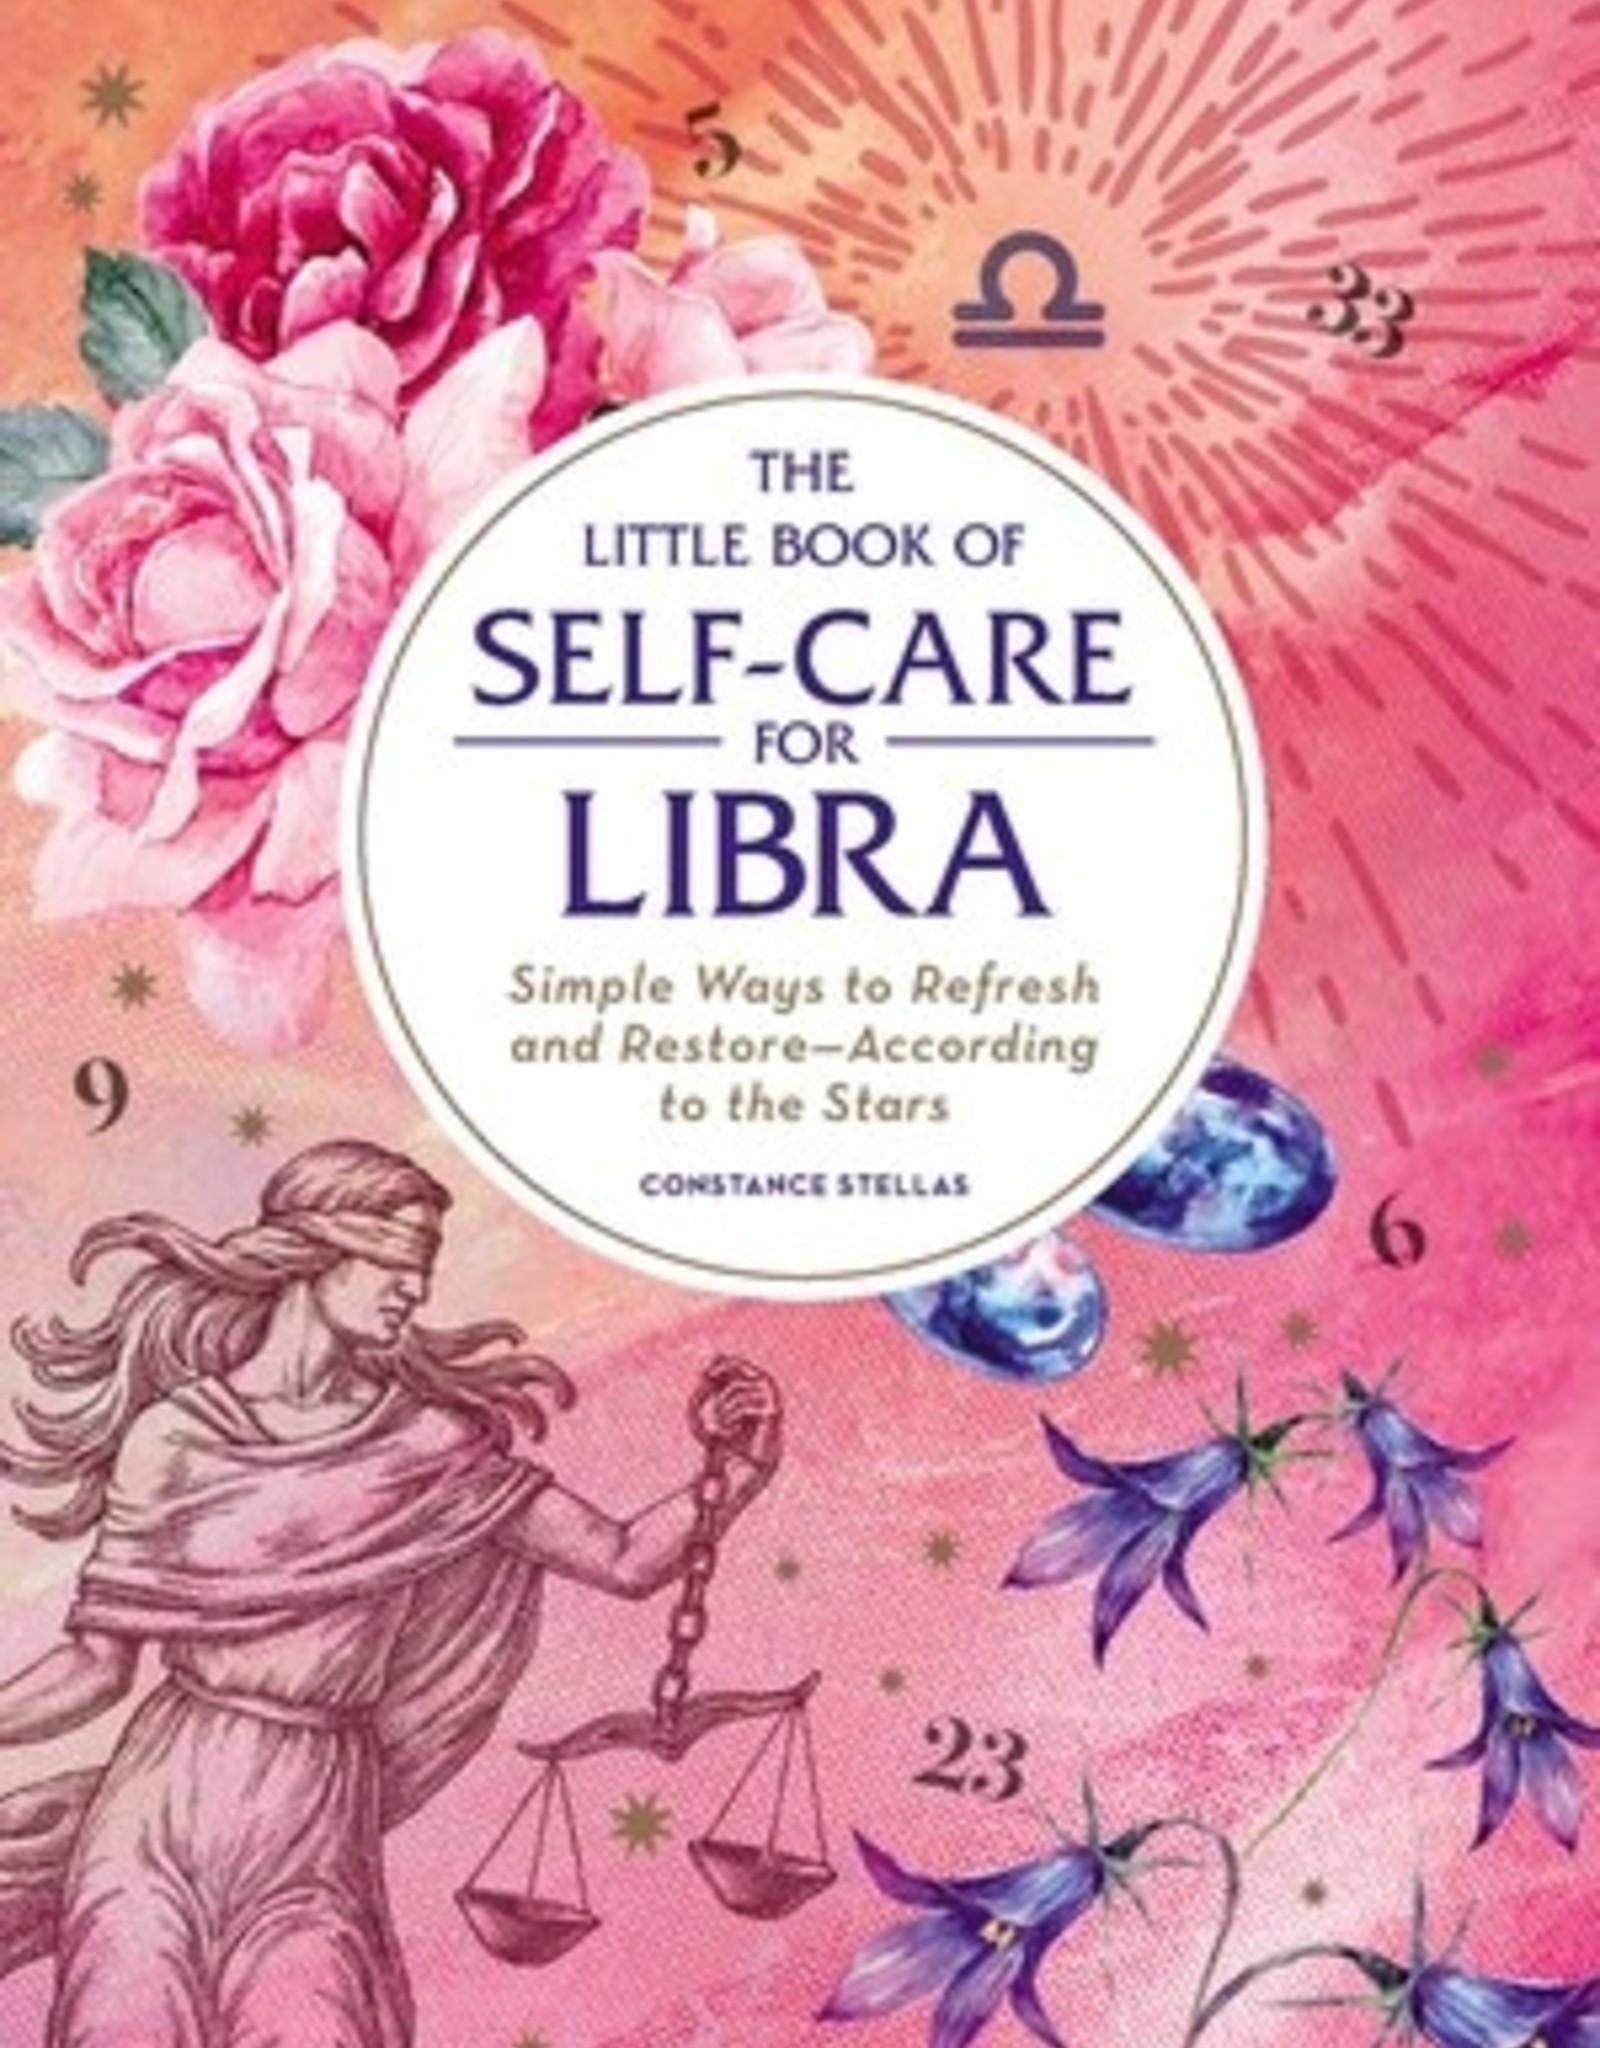 Simon & Schuster The Little Book of Self-Care for Libra